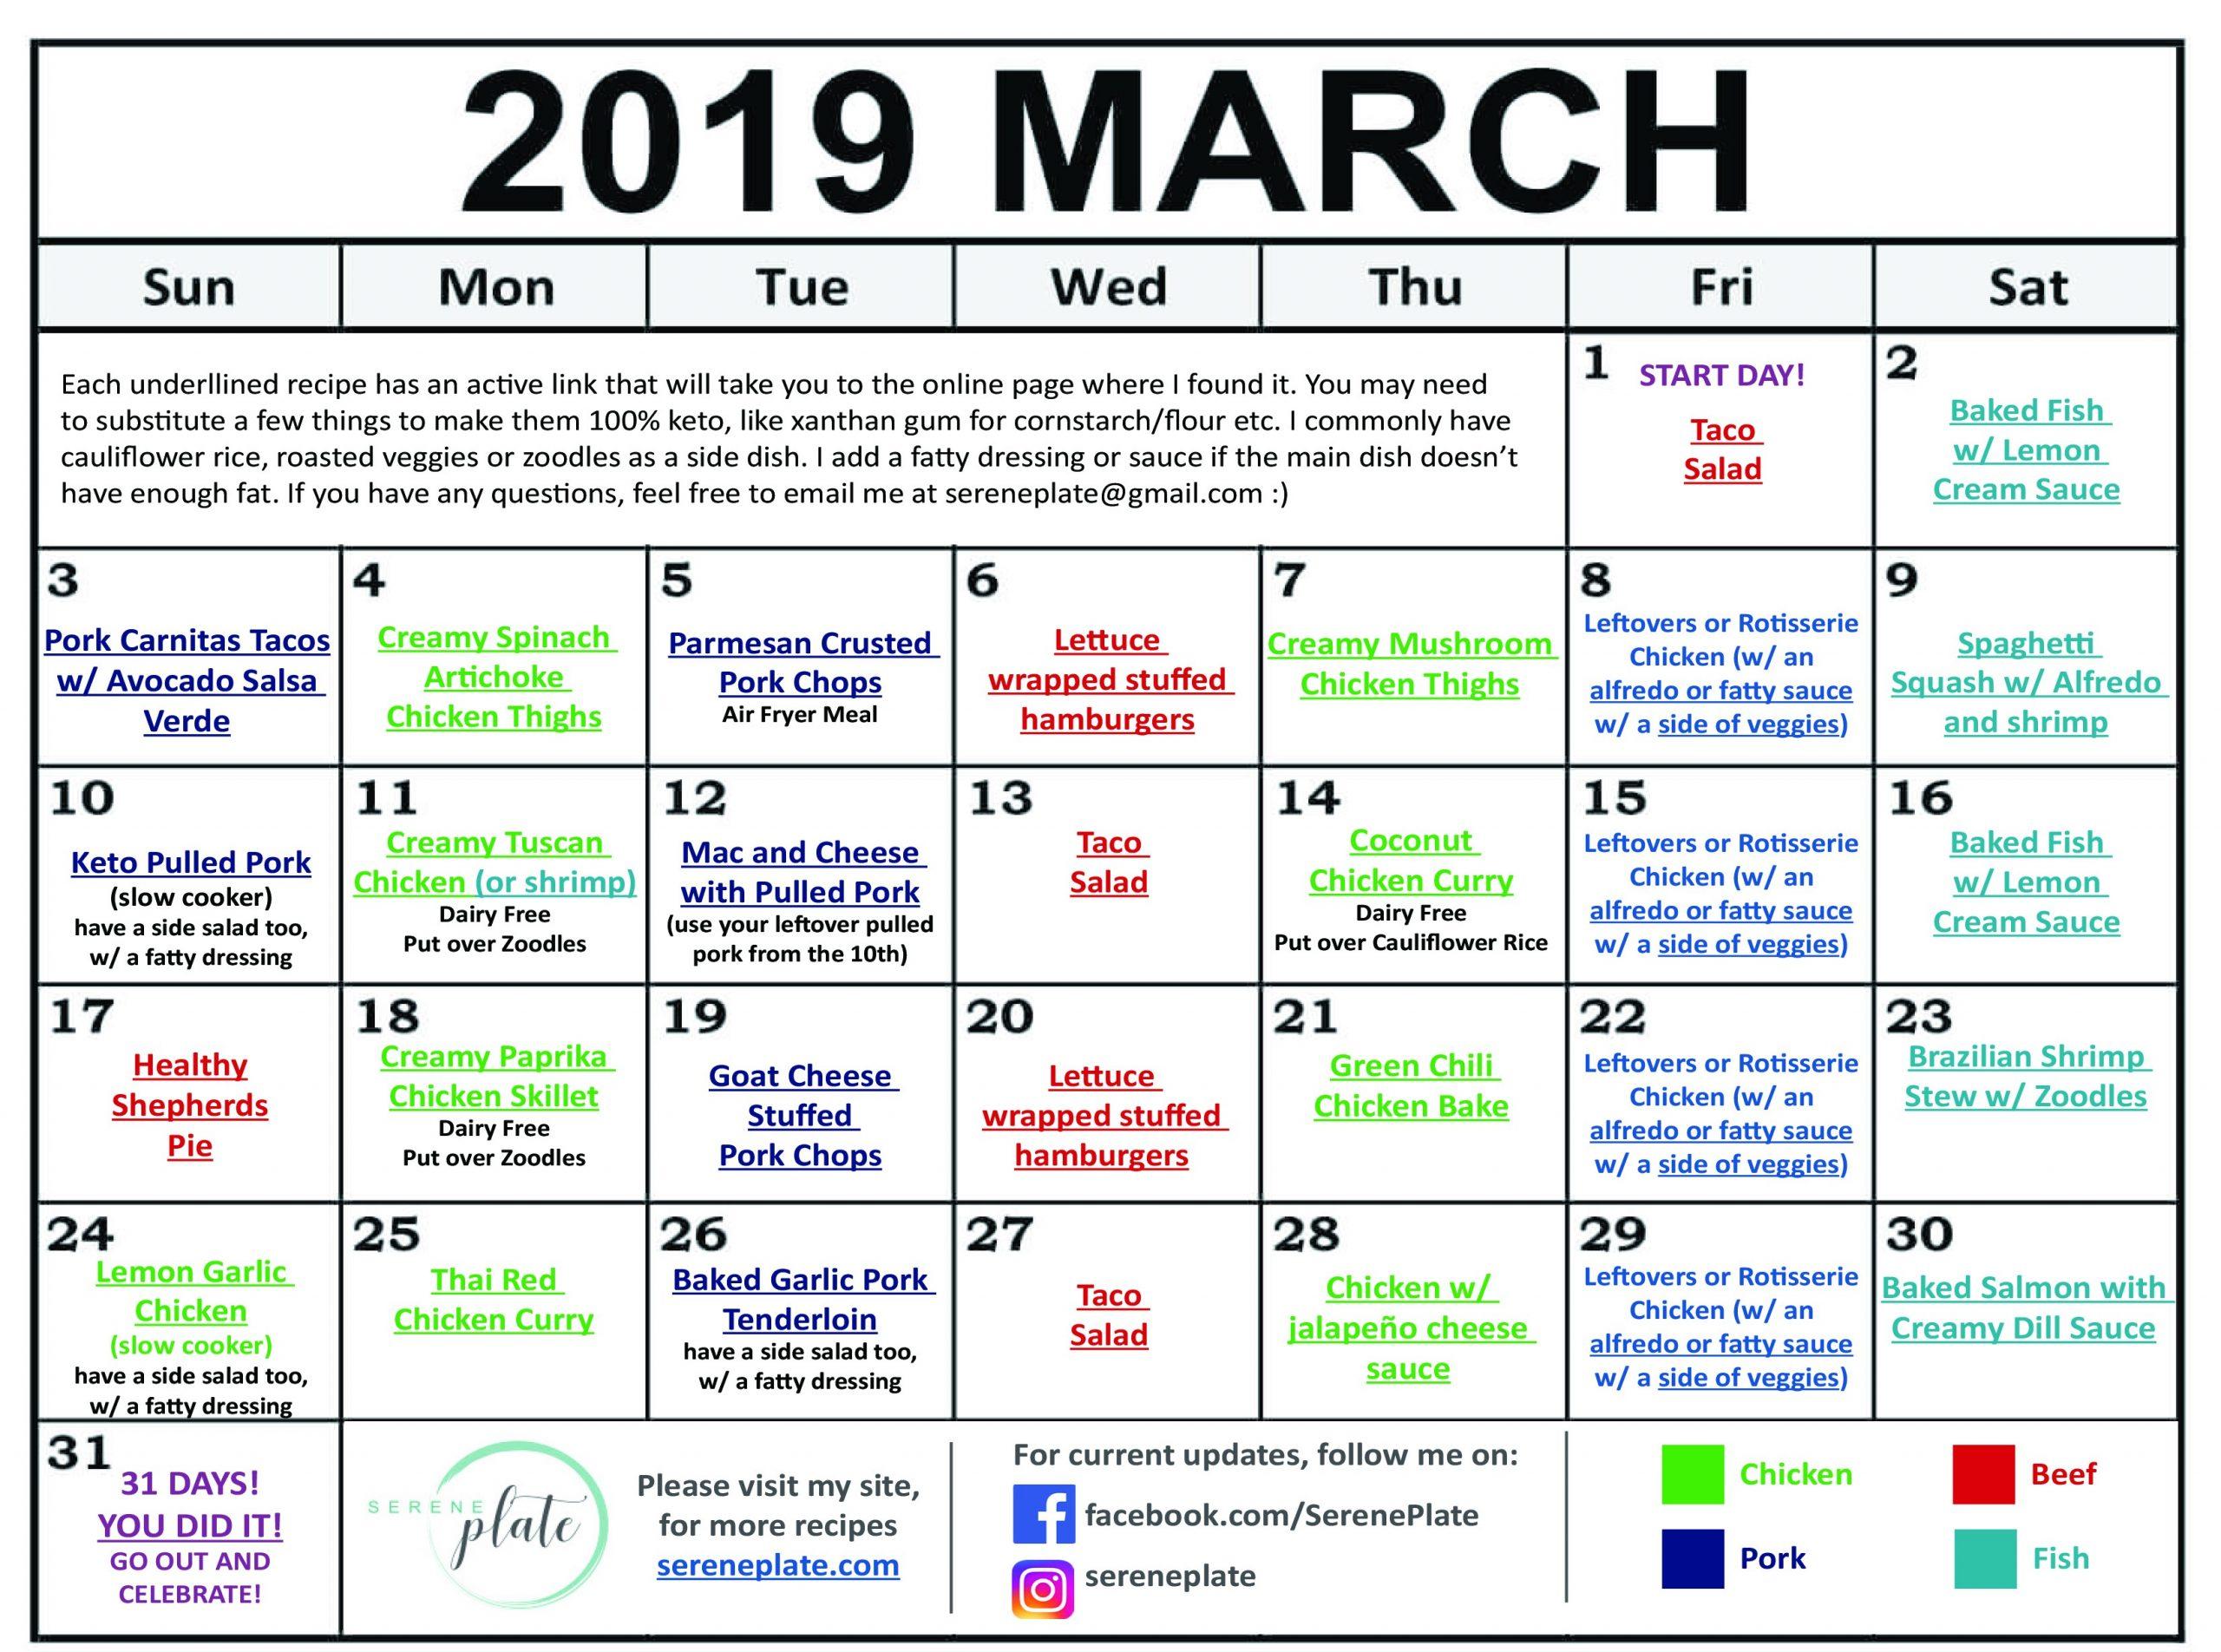 i week keto meal plan  March Keto Meal Plan | Heatlhy Low Carb Diet | Serene Plate - i week keto meal plan